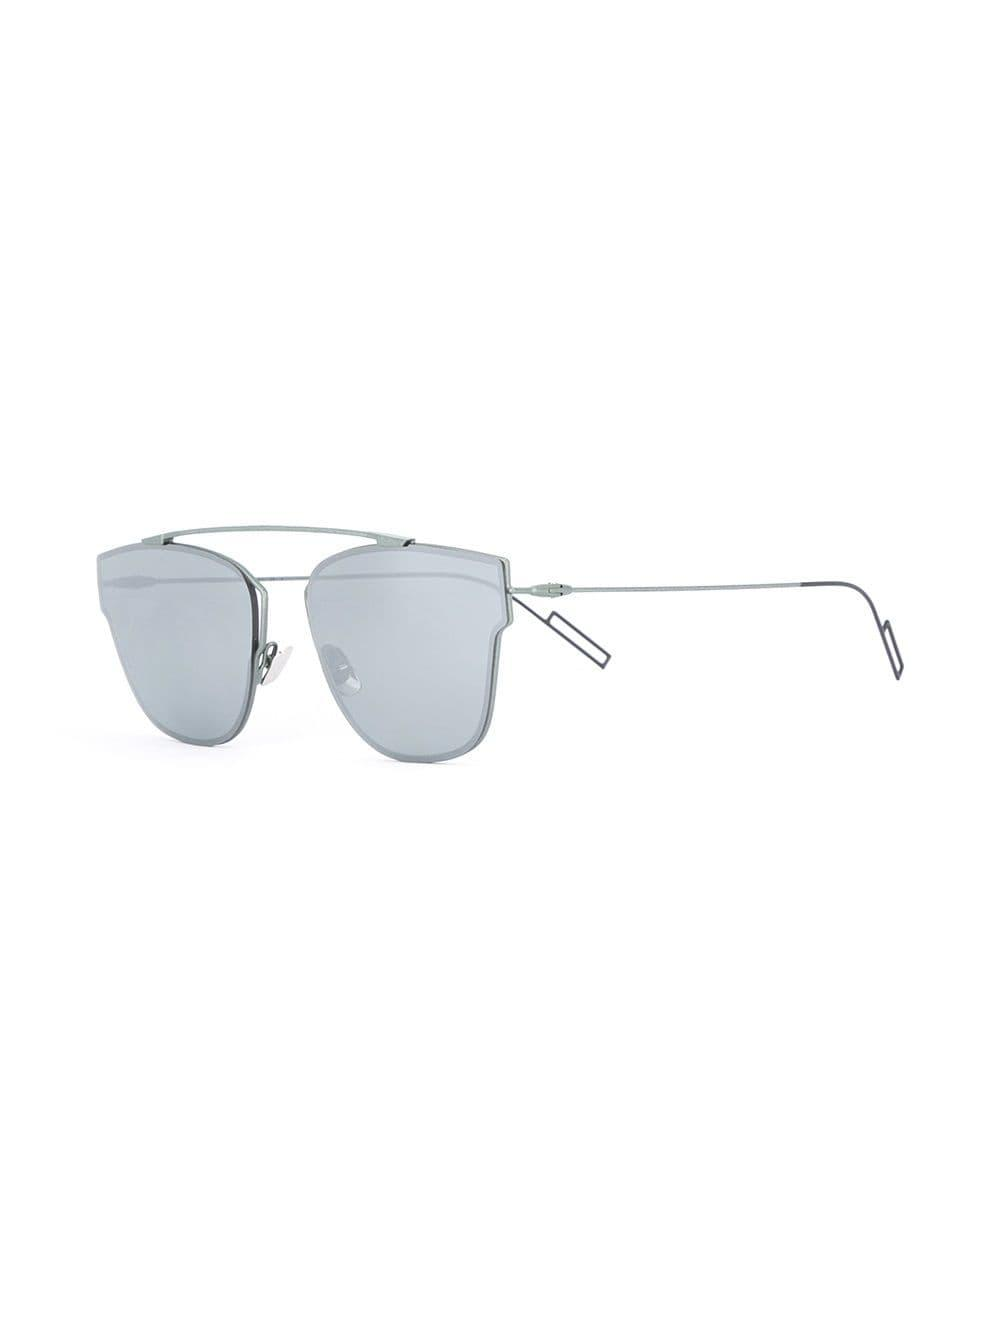 582448e4756d0 Lyst - Dior  dior 0204s  Sunglasses in Green for Men